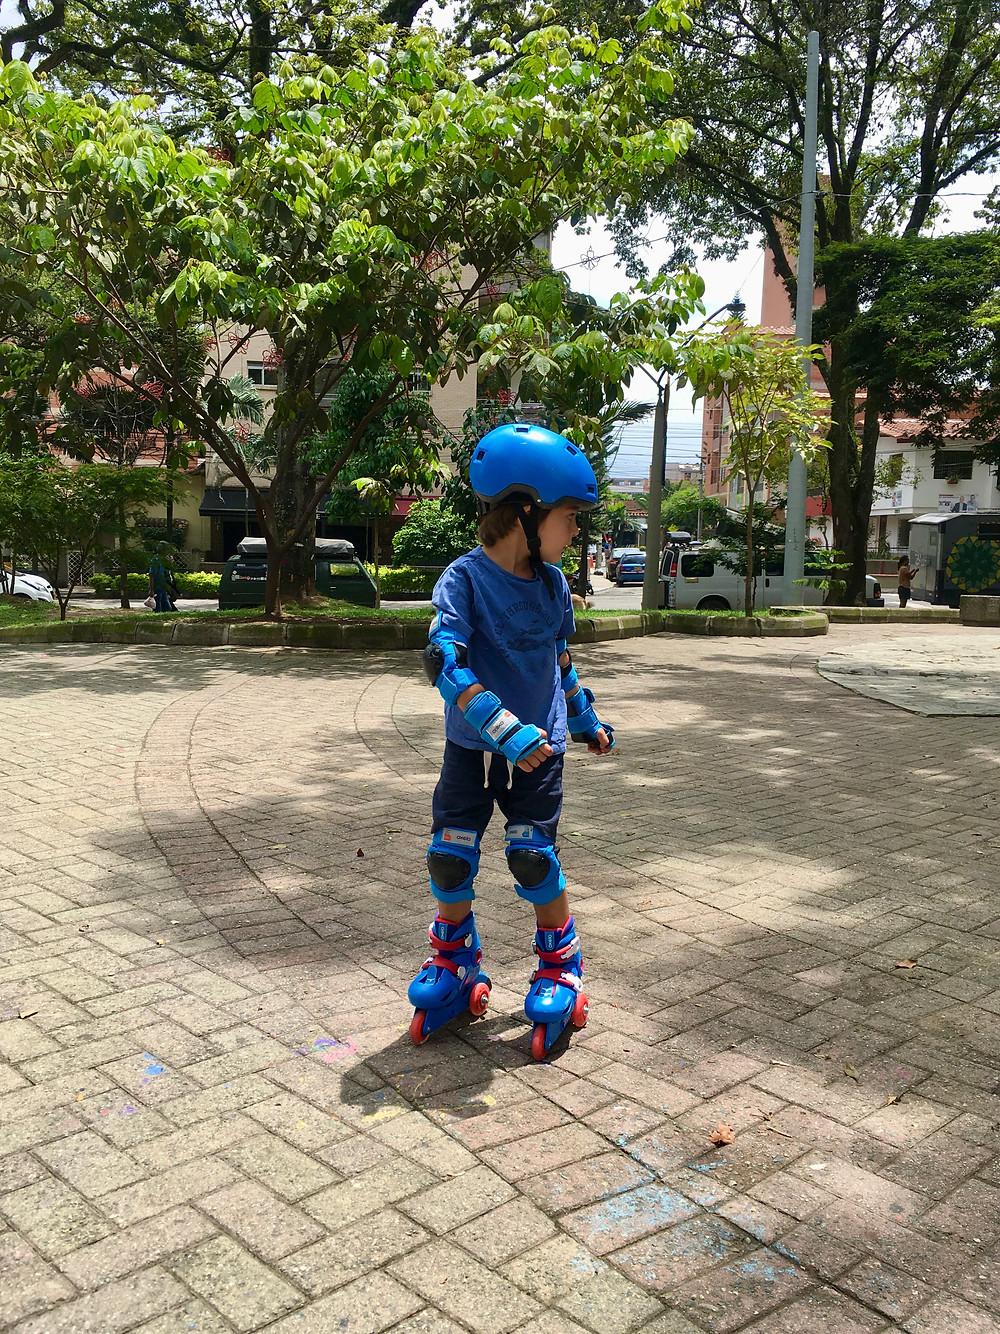 Emilio fait de beaux progrès en patins à roulettes